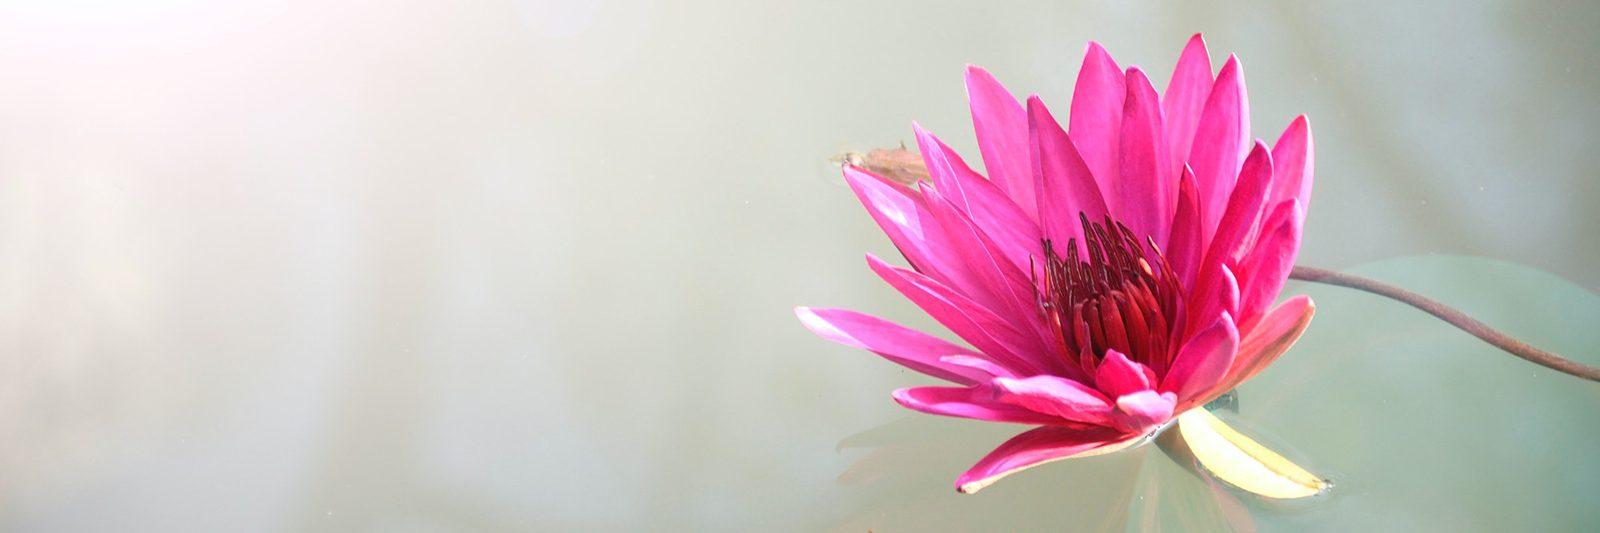 Water Flower Header